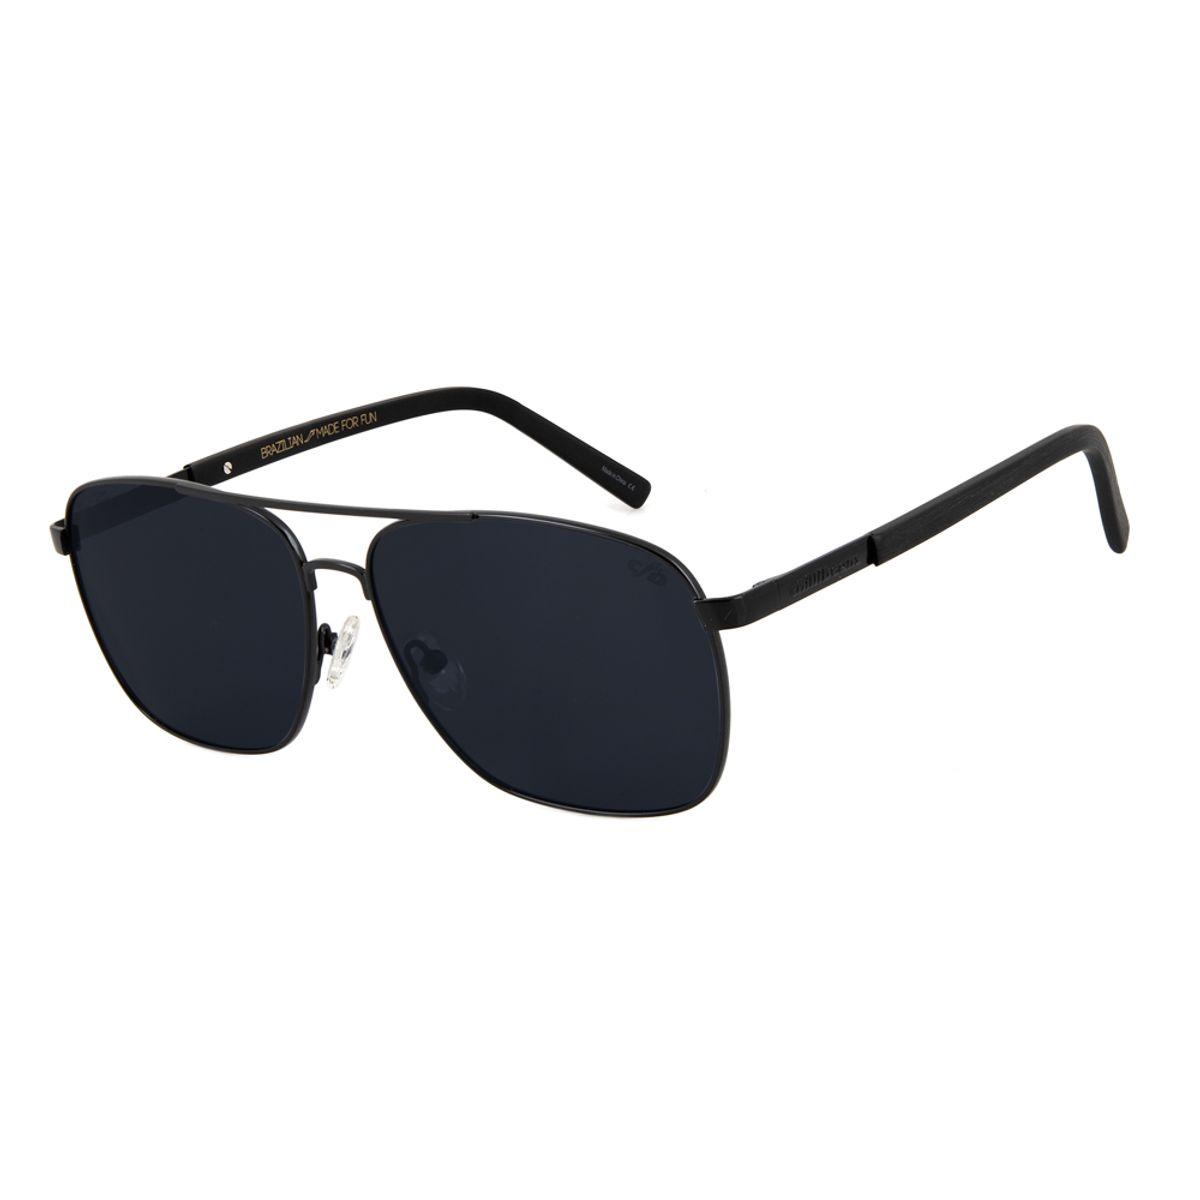 9e4d4effbfa62 Óculos de Sol Chilli Beans Executivo Masculino Polarizado Preto 2612 ...